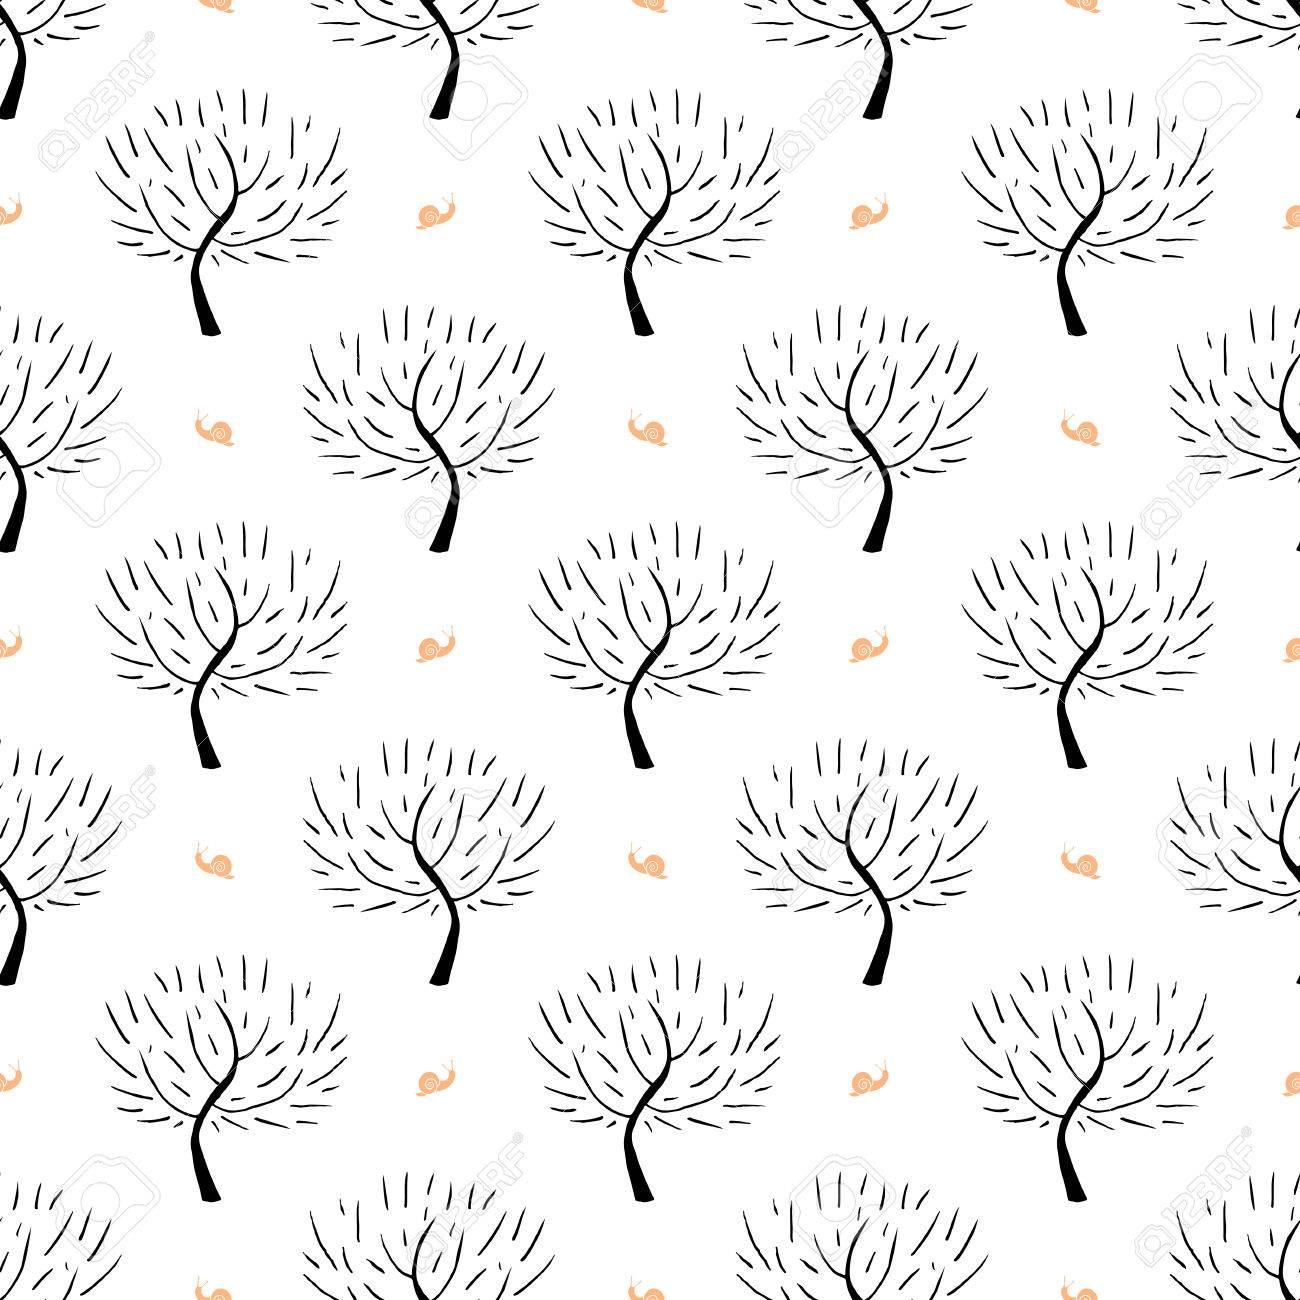 Einfache Elegante Muster Mit Drei Silhouetten Und Schnecken In ...